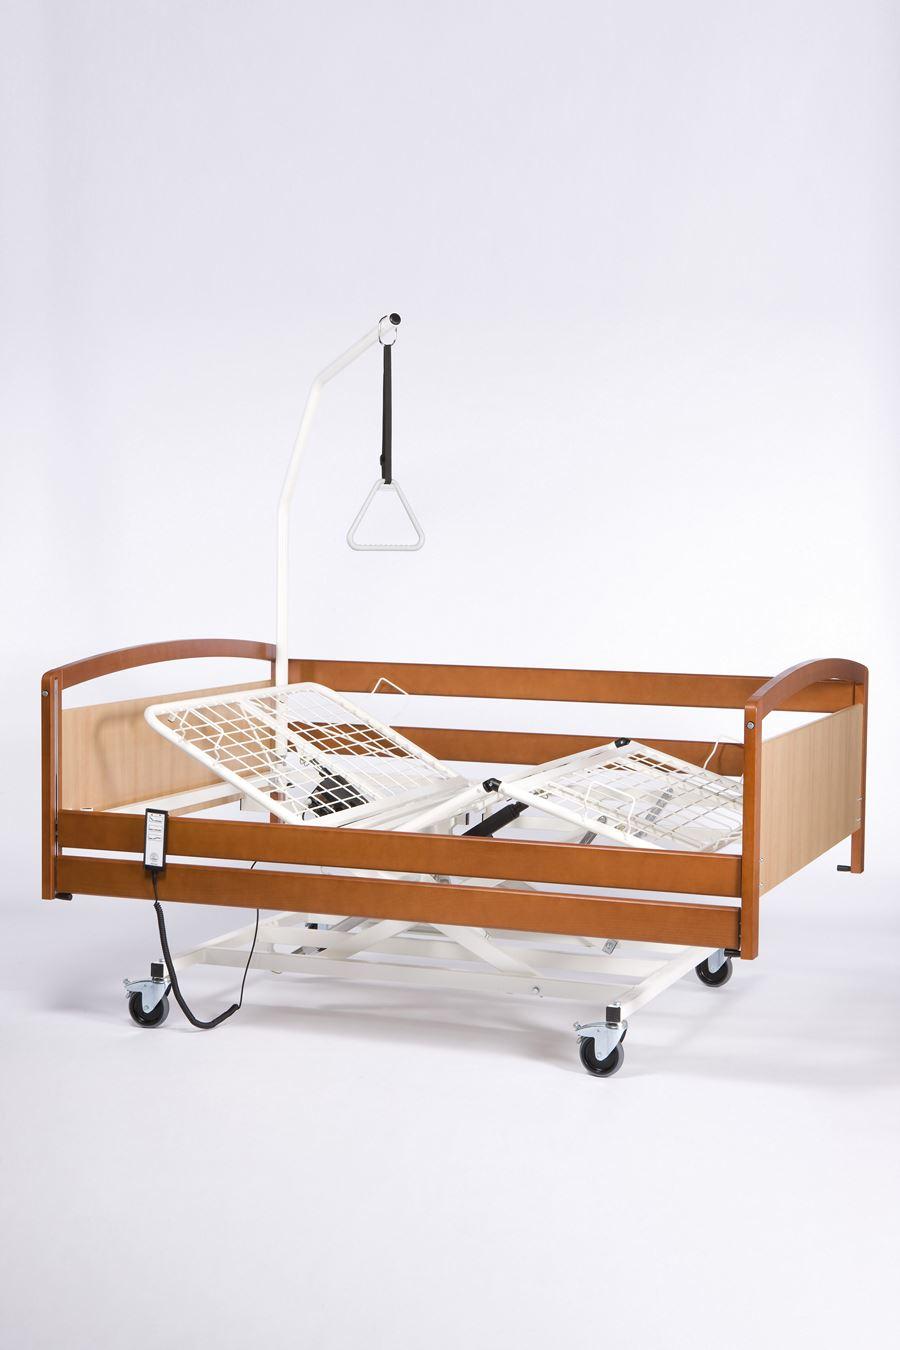 lit m dicalis 140 cm de large les lits m dicaux vente mat riel m dical parapharm. Black Bedroom Furniture Sets. Home Design Ideas